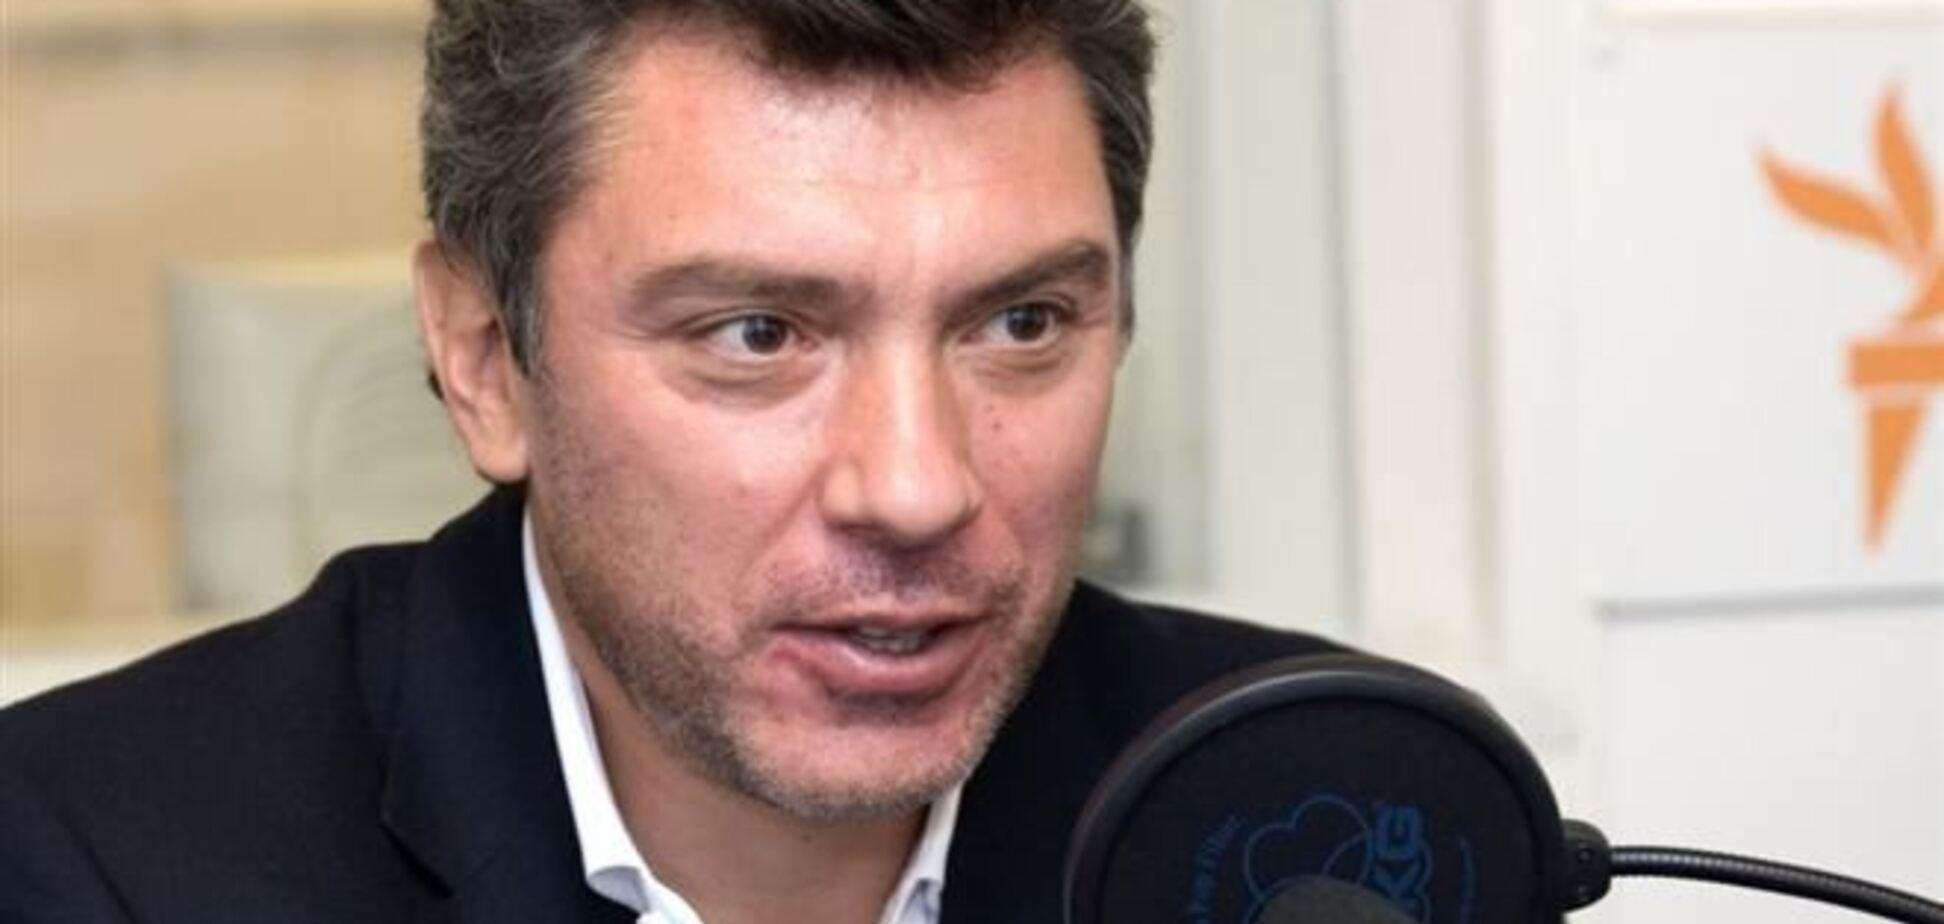 Украинский народ не так просто сломать - Немцов